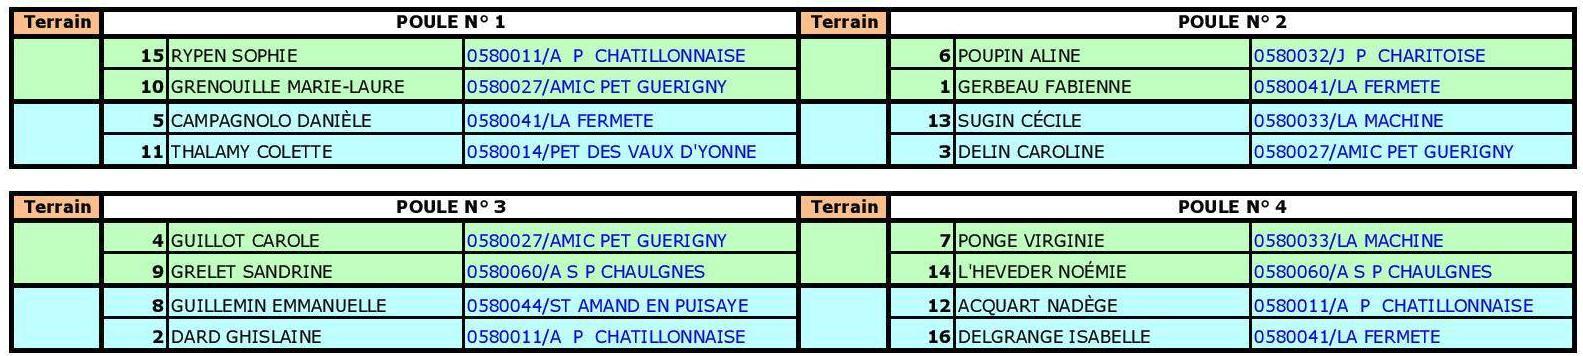 Coupe_d_hiver_2014_Liste_Poule.pdf-page-001